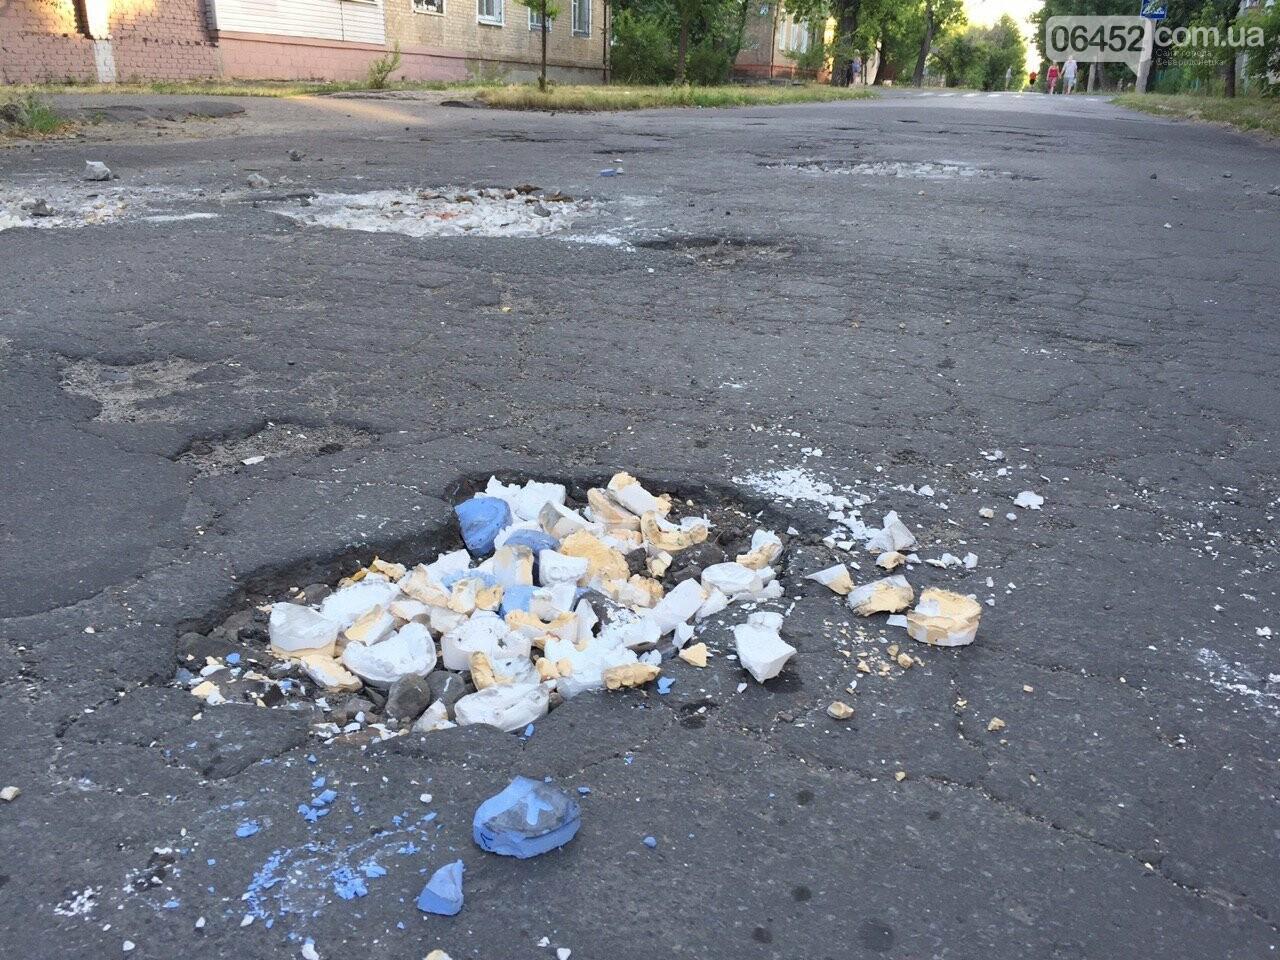 Челюсти вместо асфальта: в Северодонецке засыпали яму зубными протезами, фото-2